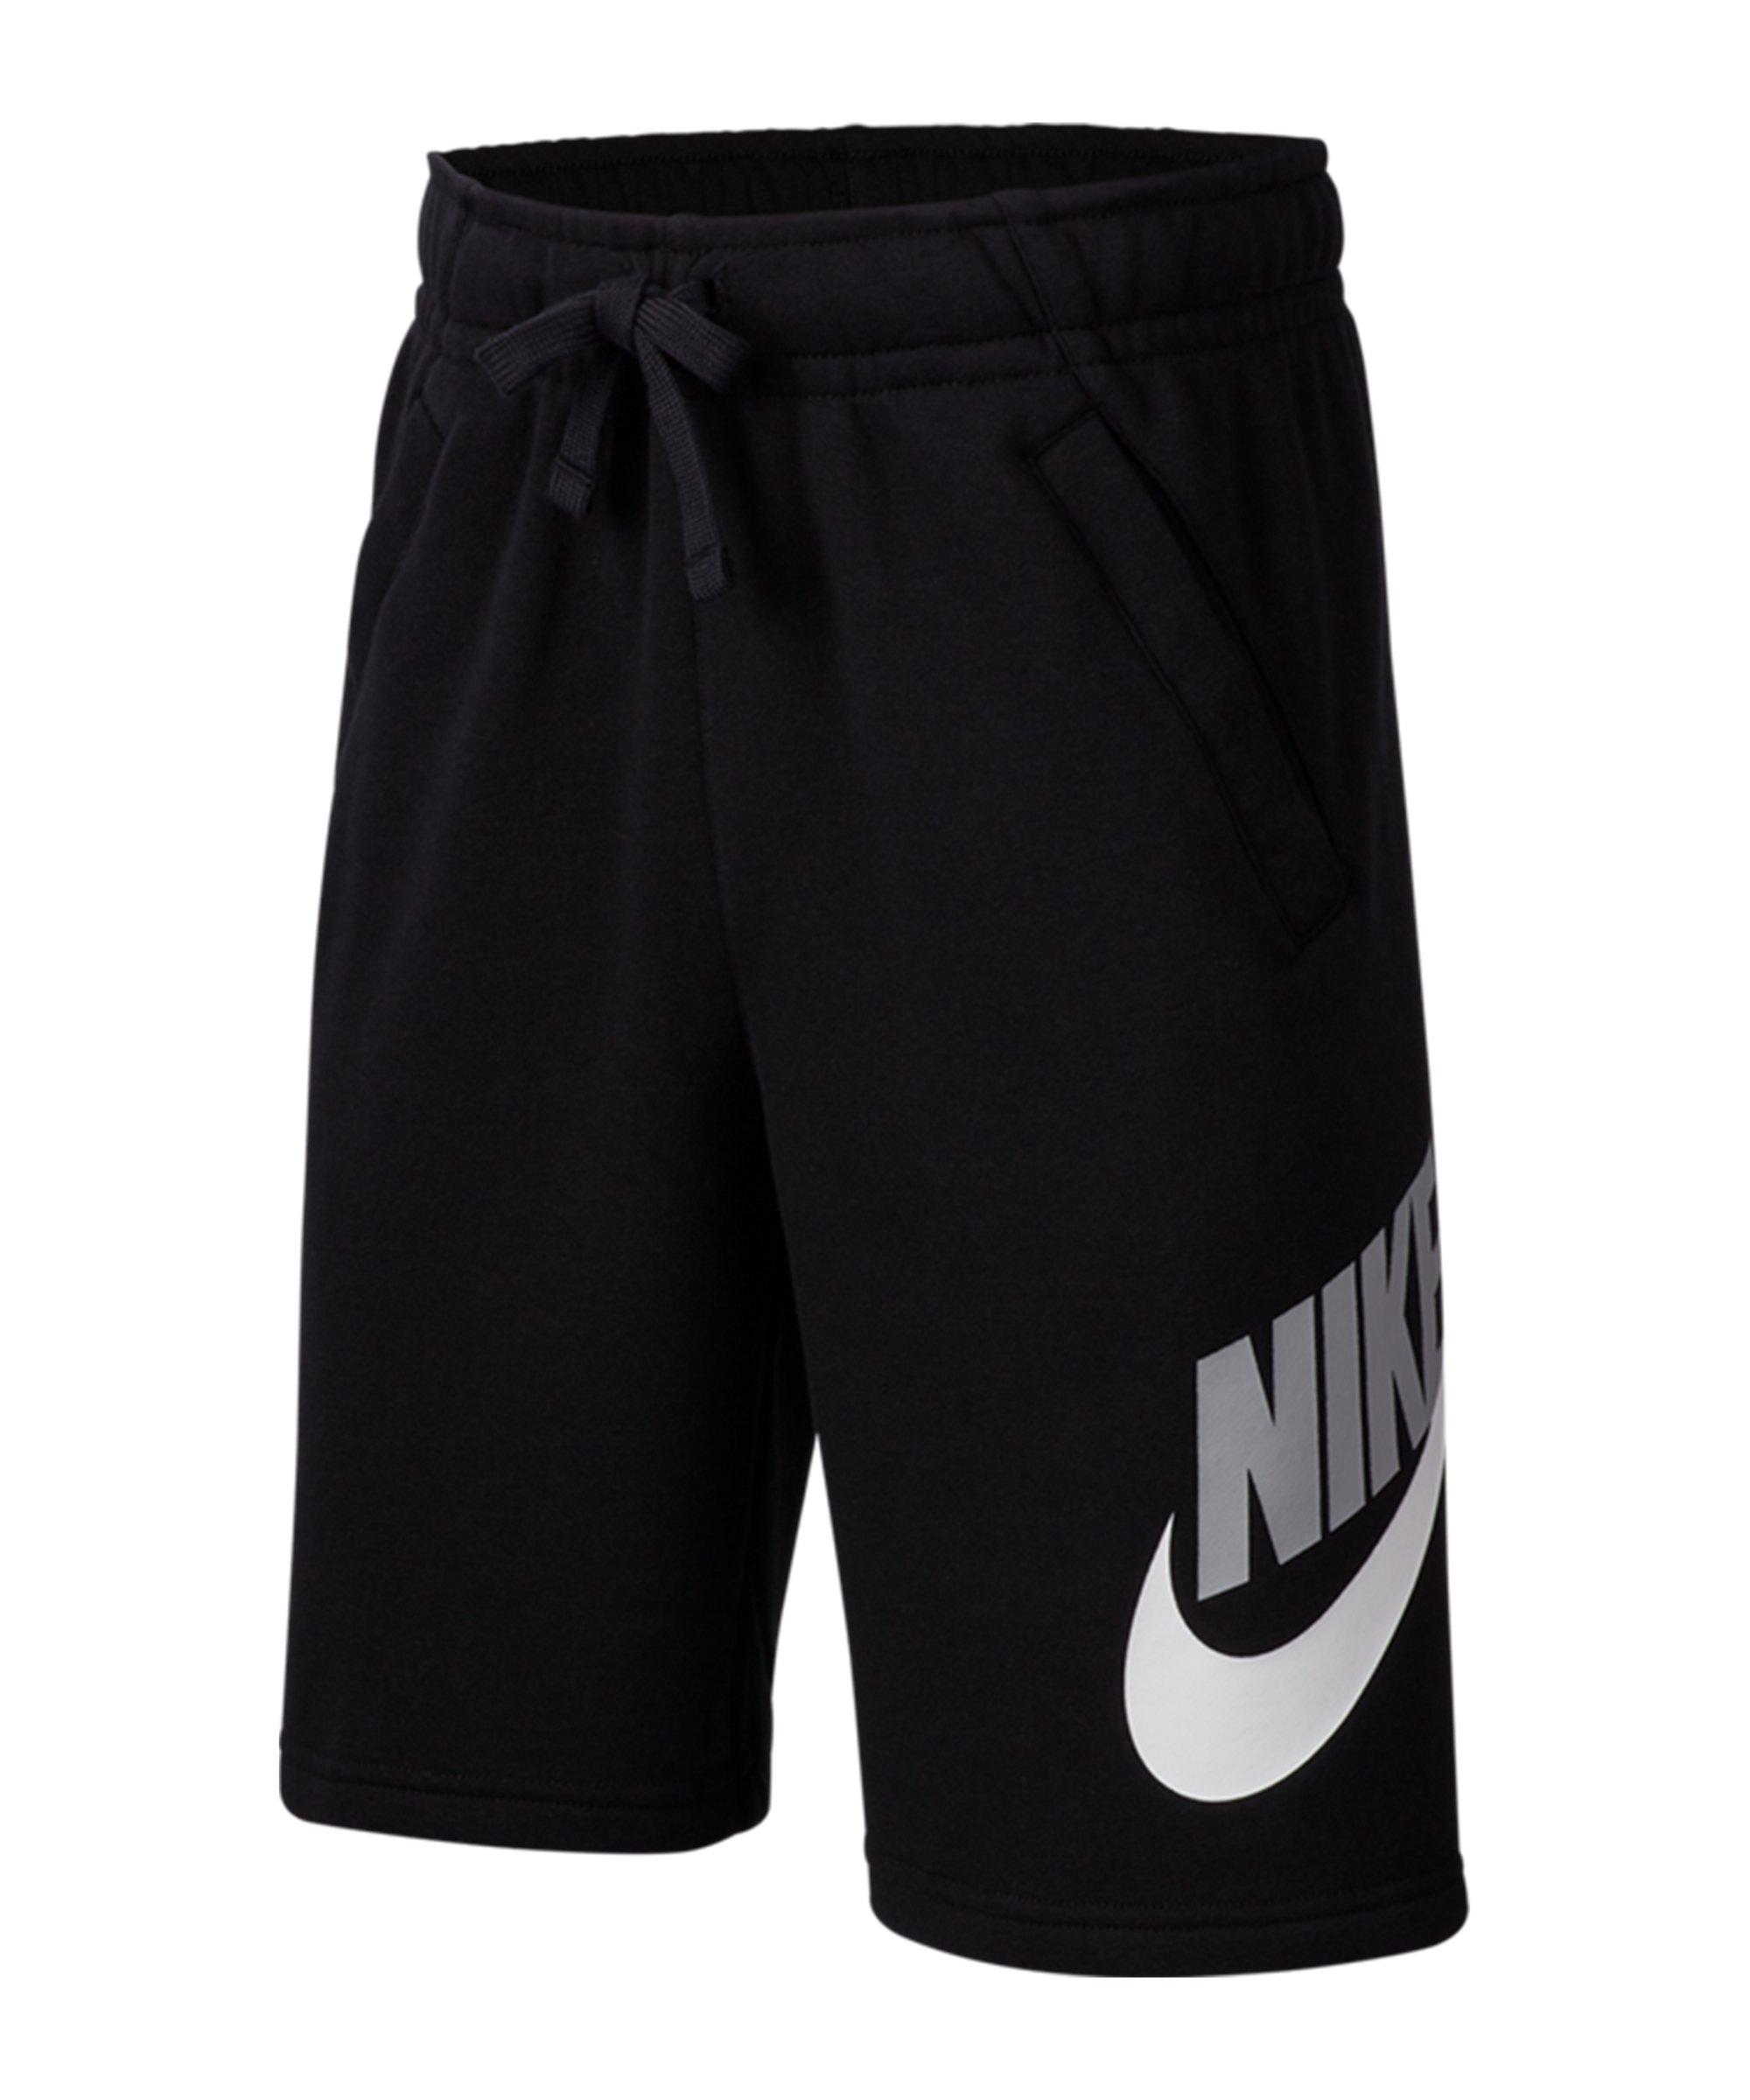 Nike Club Fleece Short Kids Schwarz F010 - schwarz